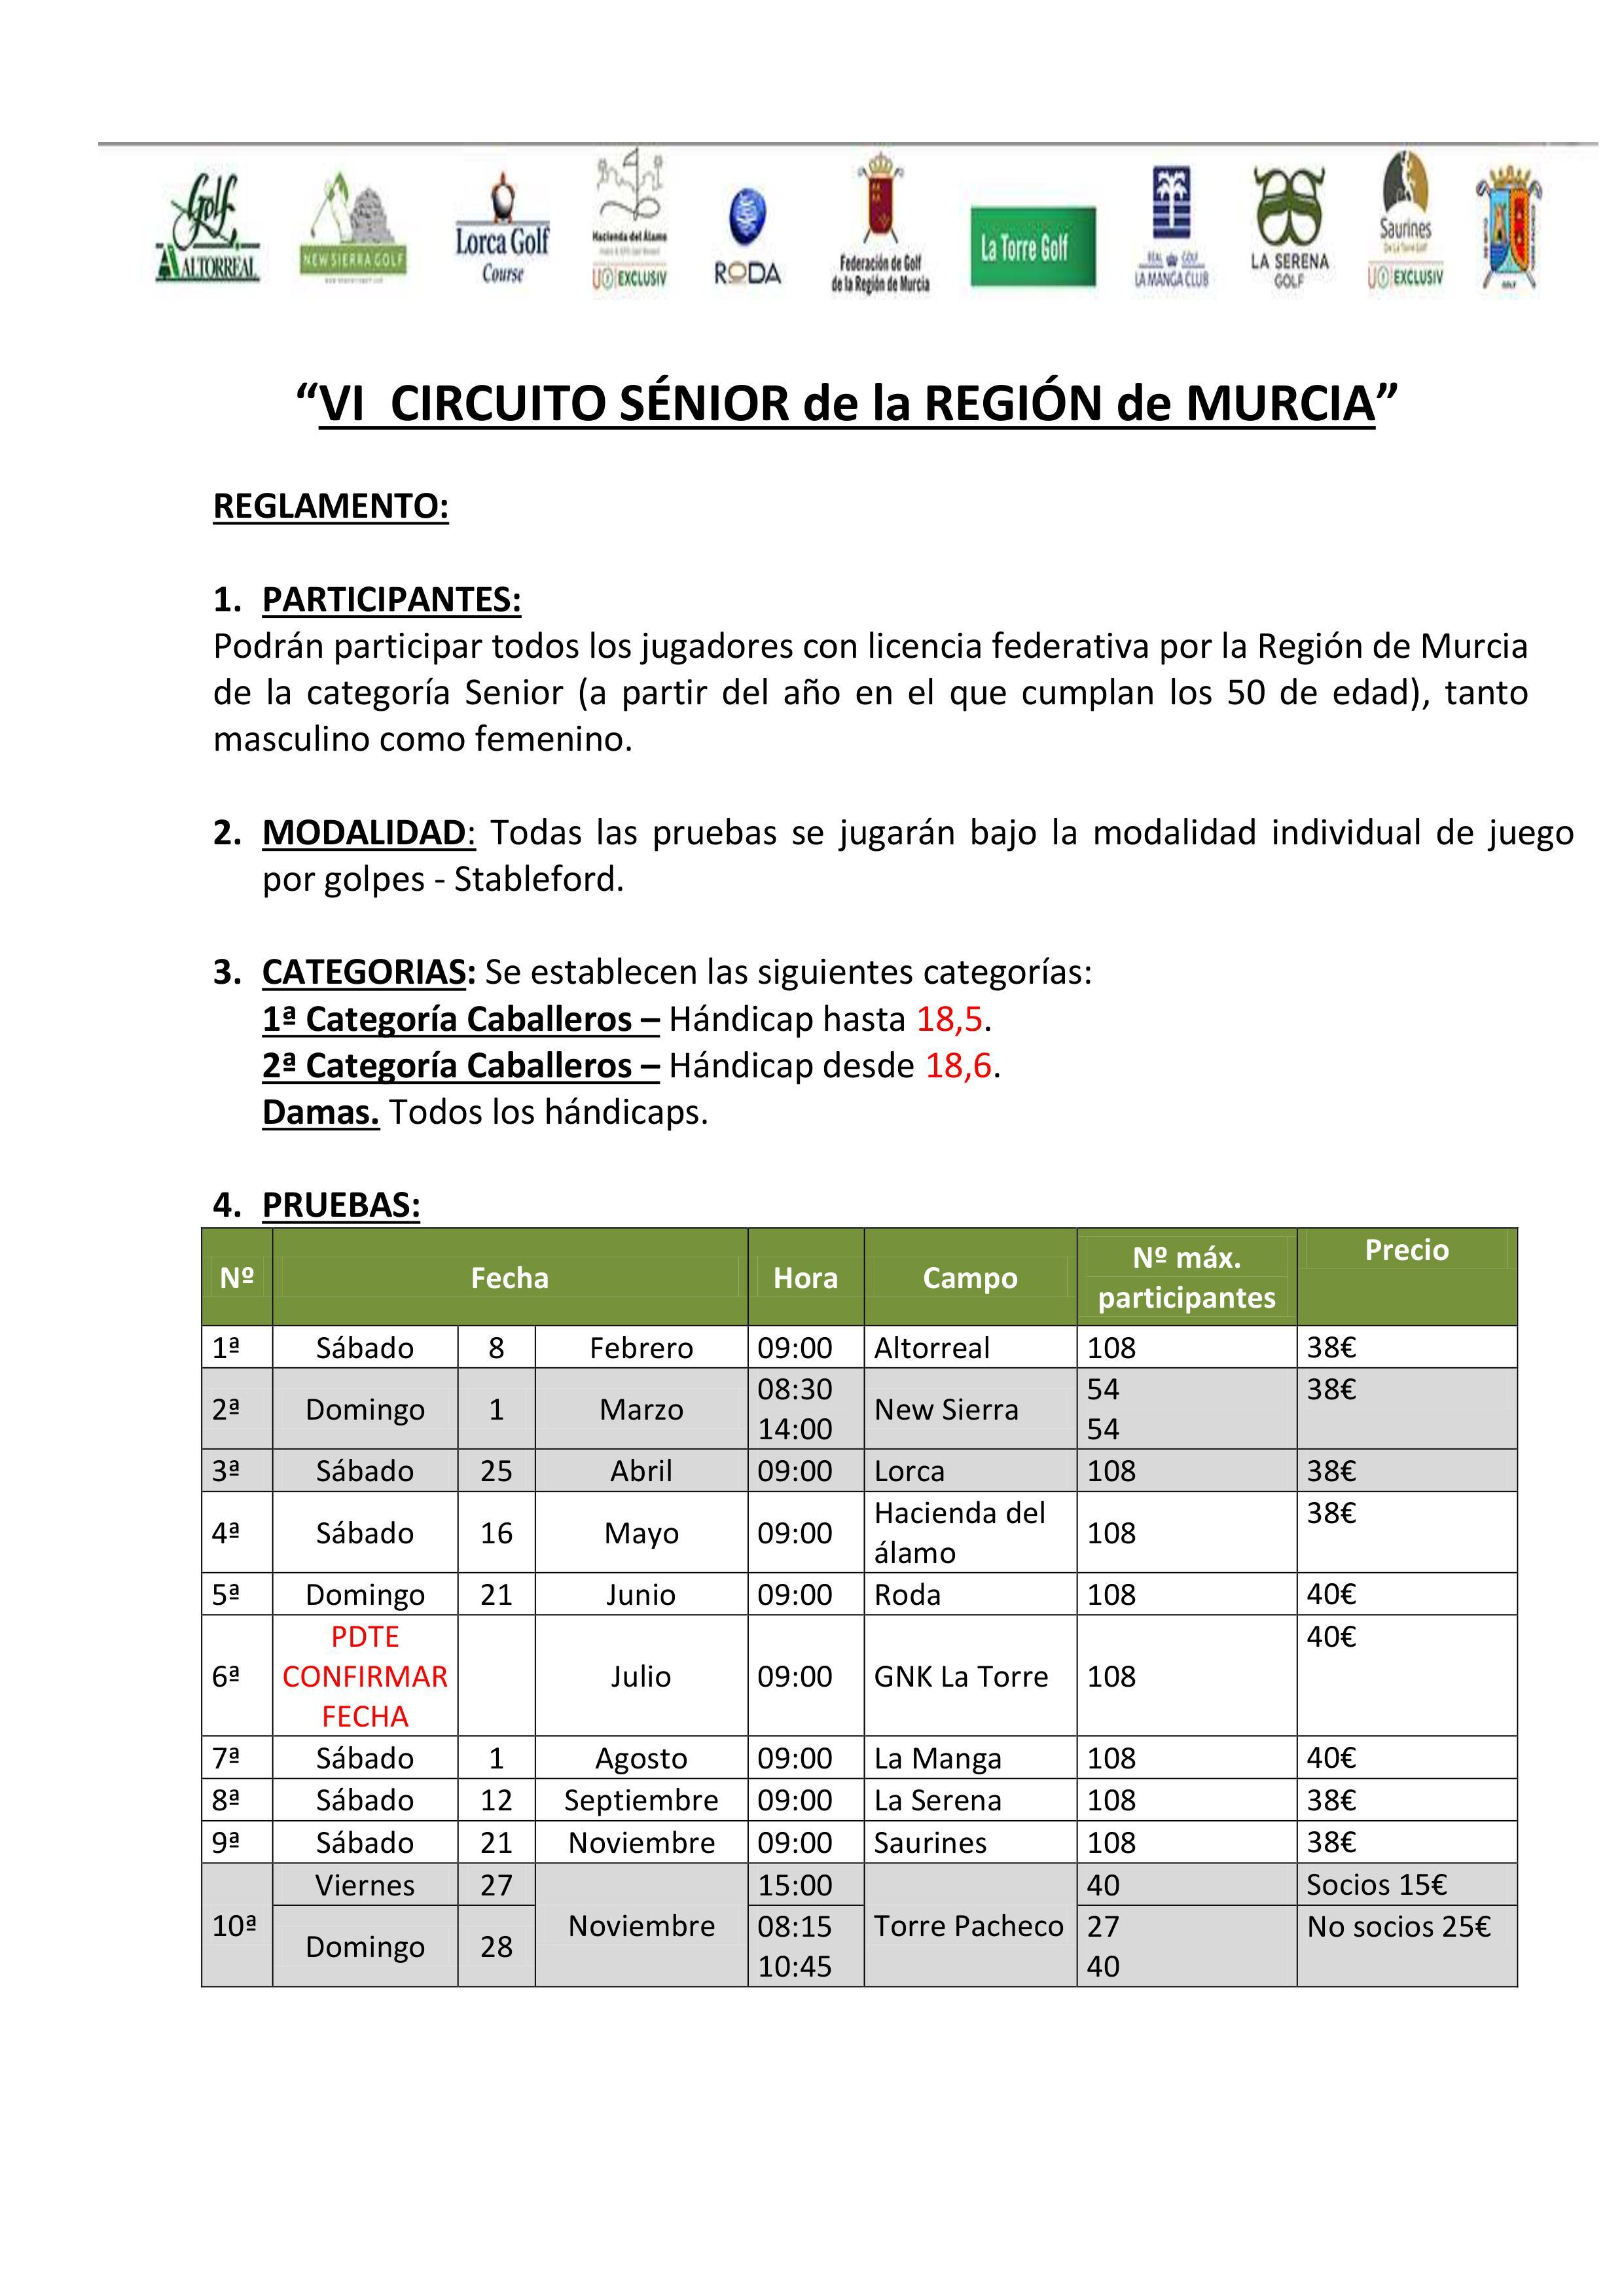 200208 ALT, Reglamento (1)